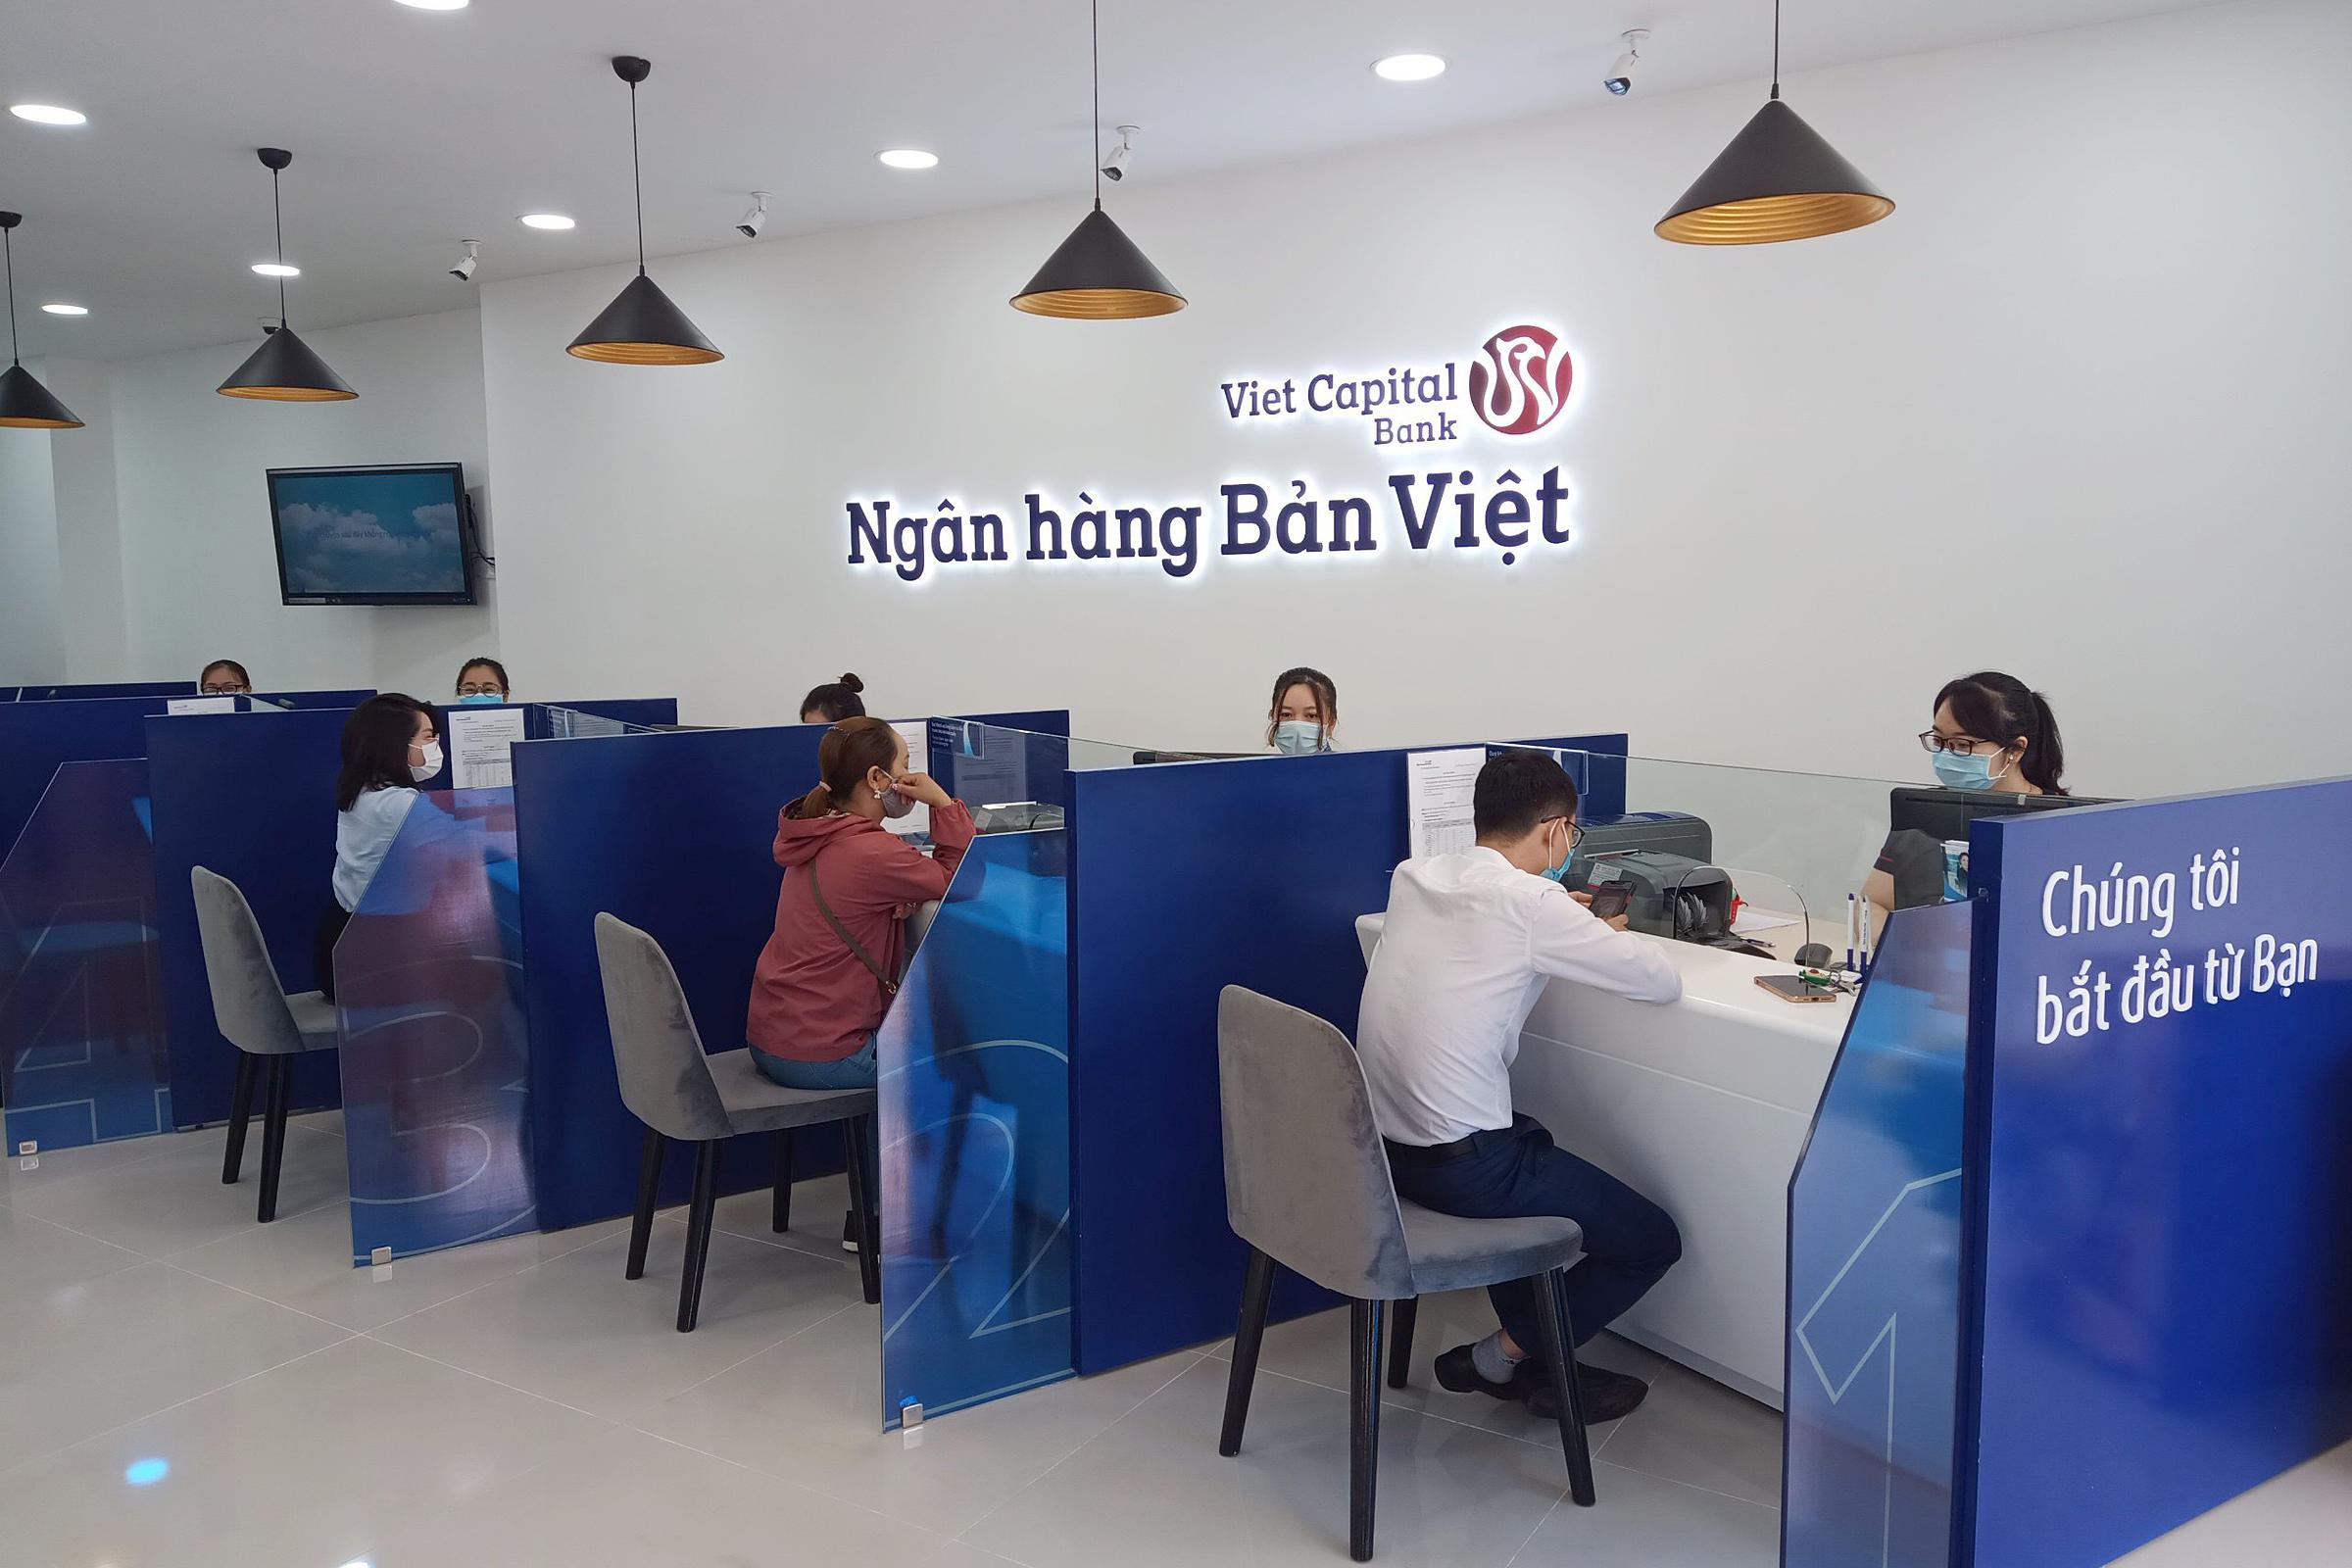 Ngân hàng Bản Việt Bình Phước khai trương ngày 14/7 với nhiều chương trình ưu đãi cho khách hàng. Ảnh: Bản Việt.